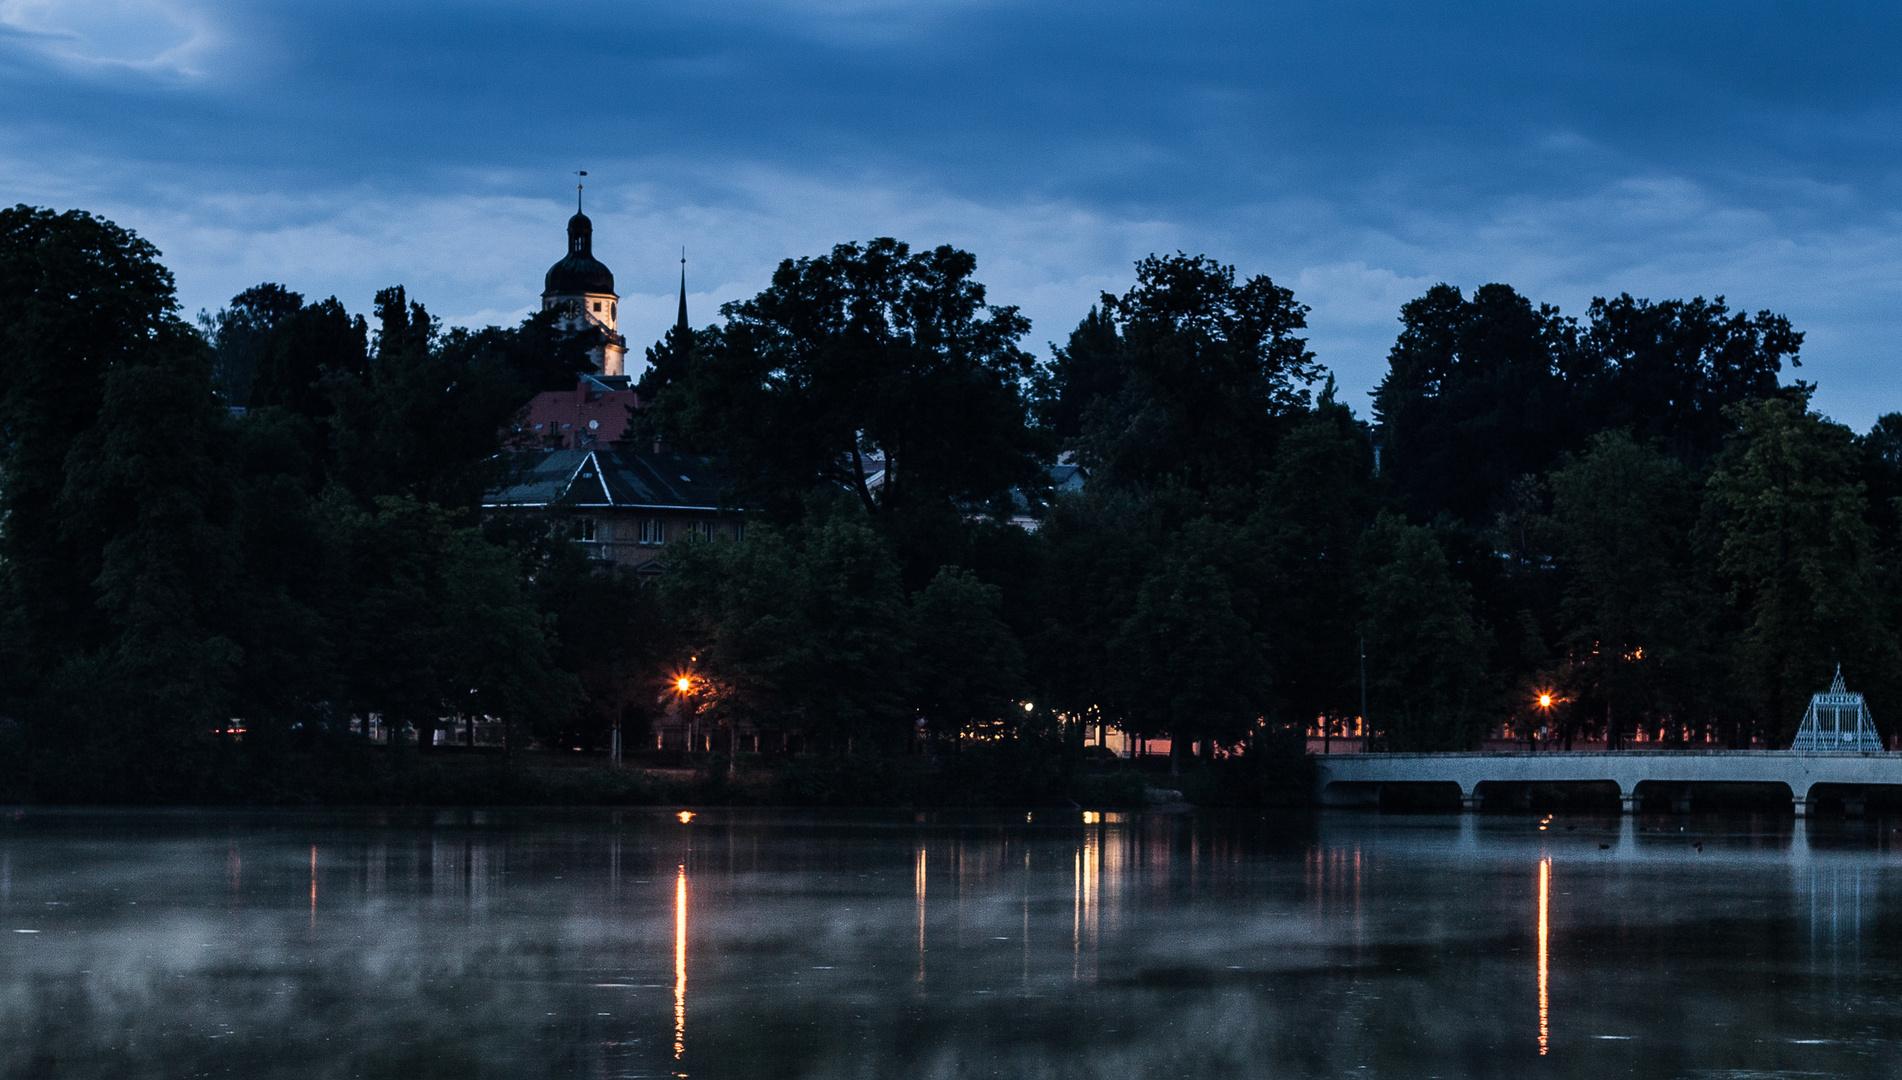 Großer Teich, Nikolaikirchturm